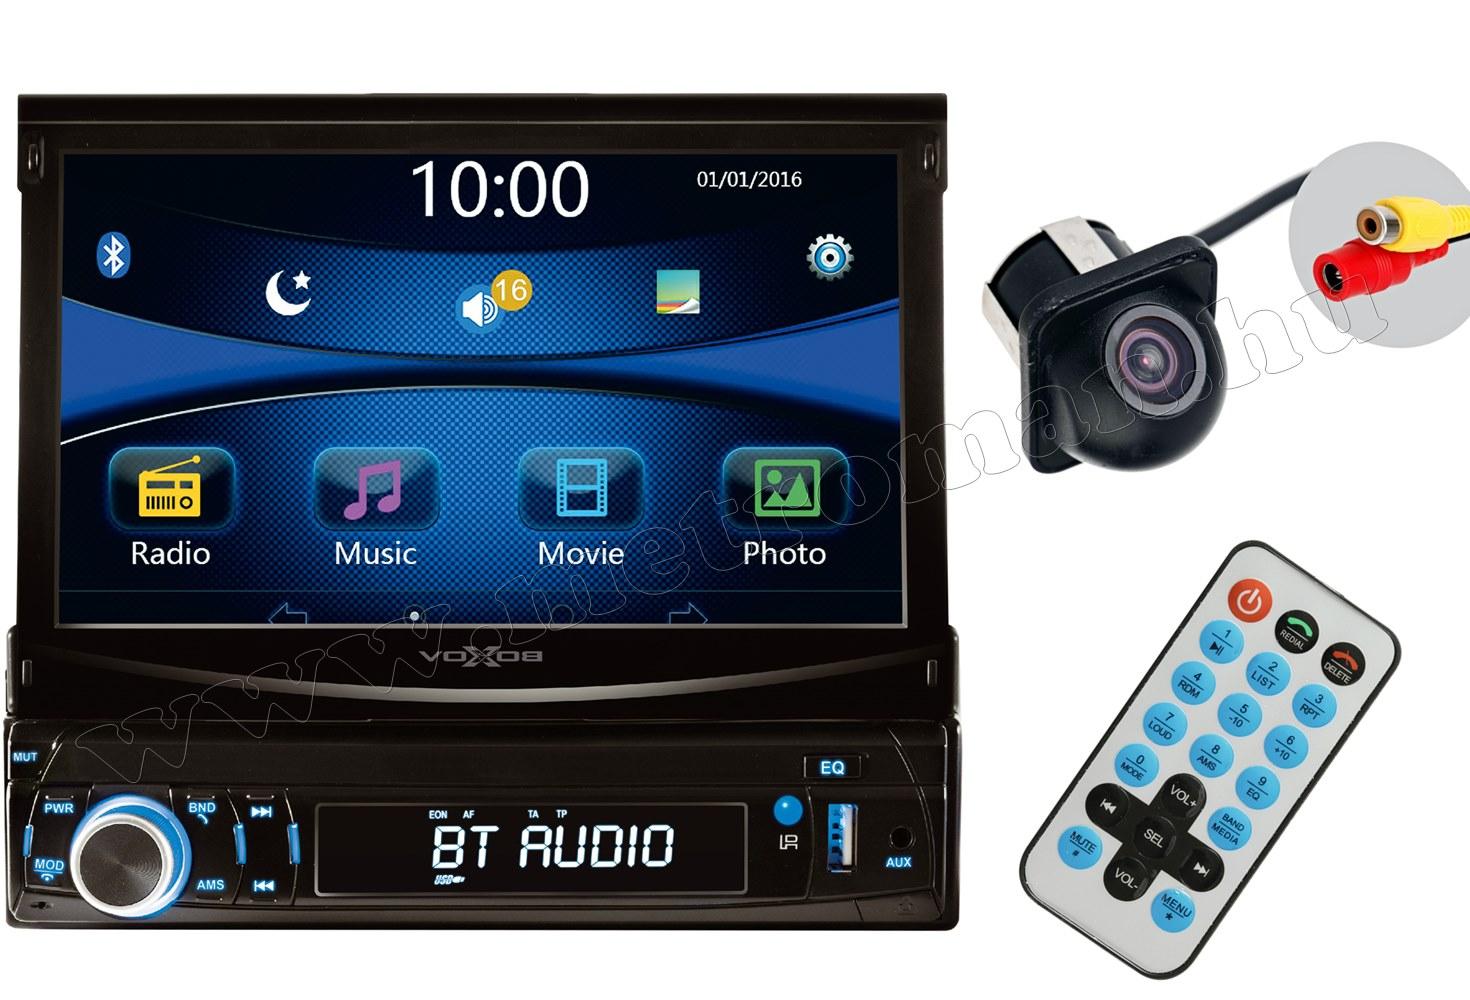 USB/SD MP3 MP4 MP5 Bluetooth Multimédiás autórádió LCD monitorral Tolatókamerával VB X700 BT CAPS0229